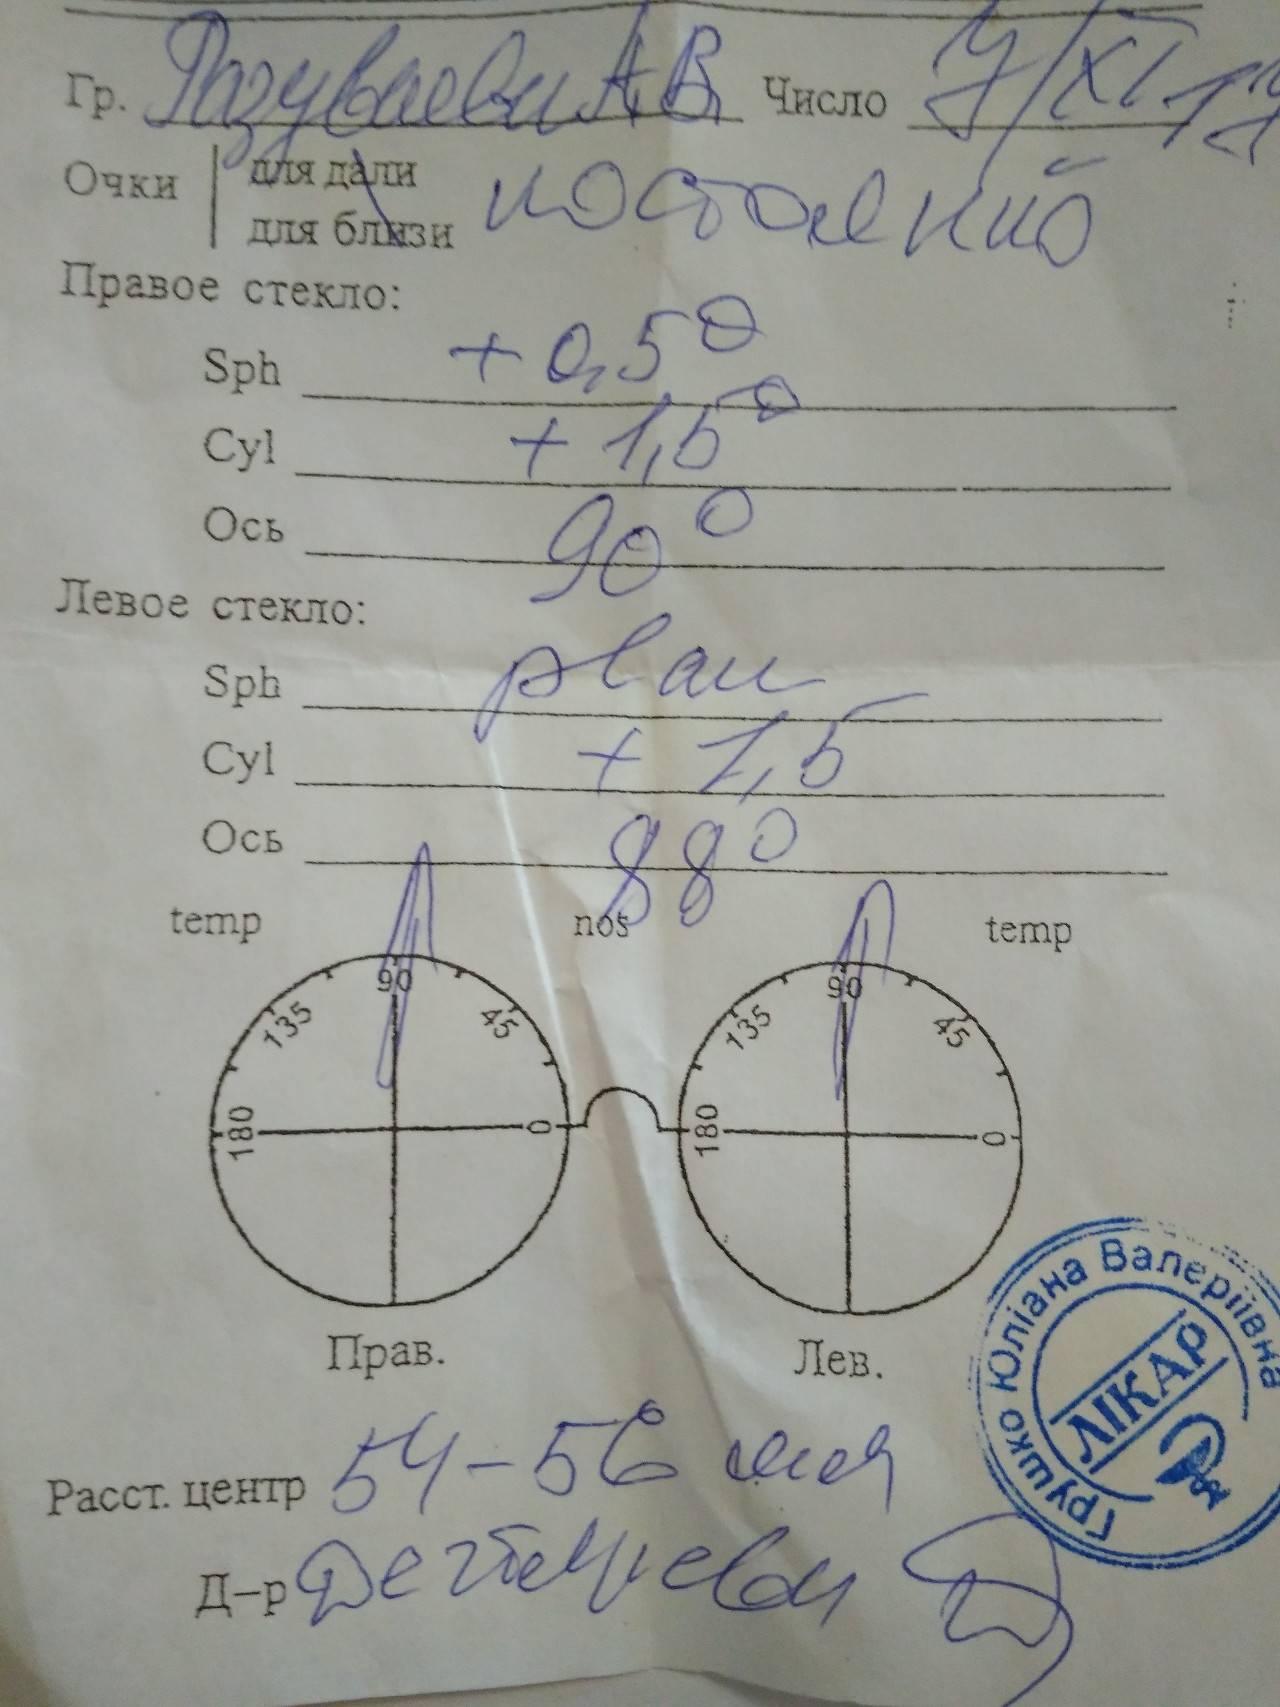 Визометрия: что это такое в офтальмологии, расшифровка показателей, острота зрения глаза, что значит od os